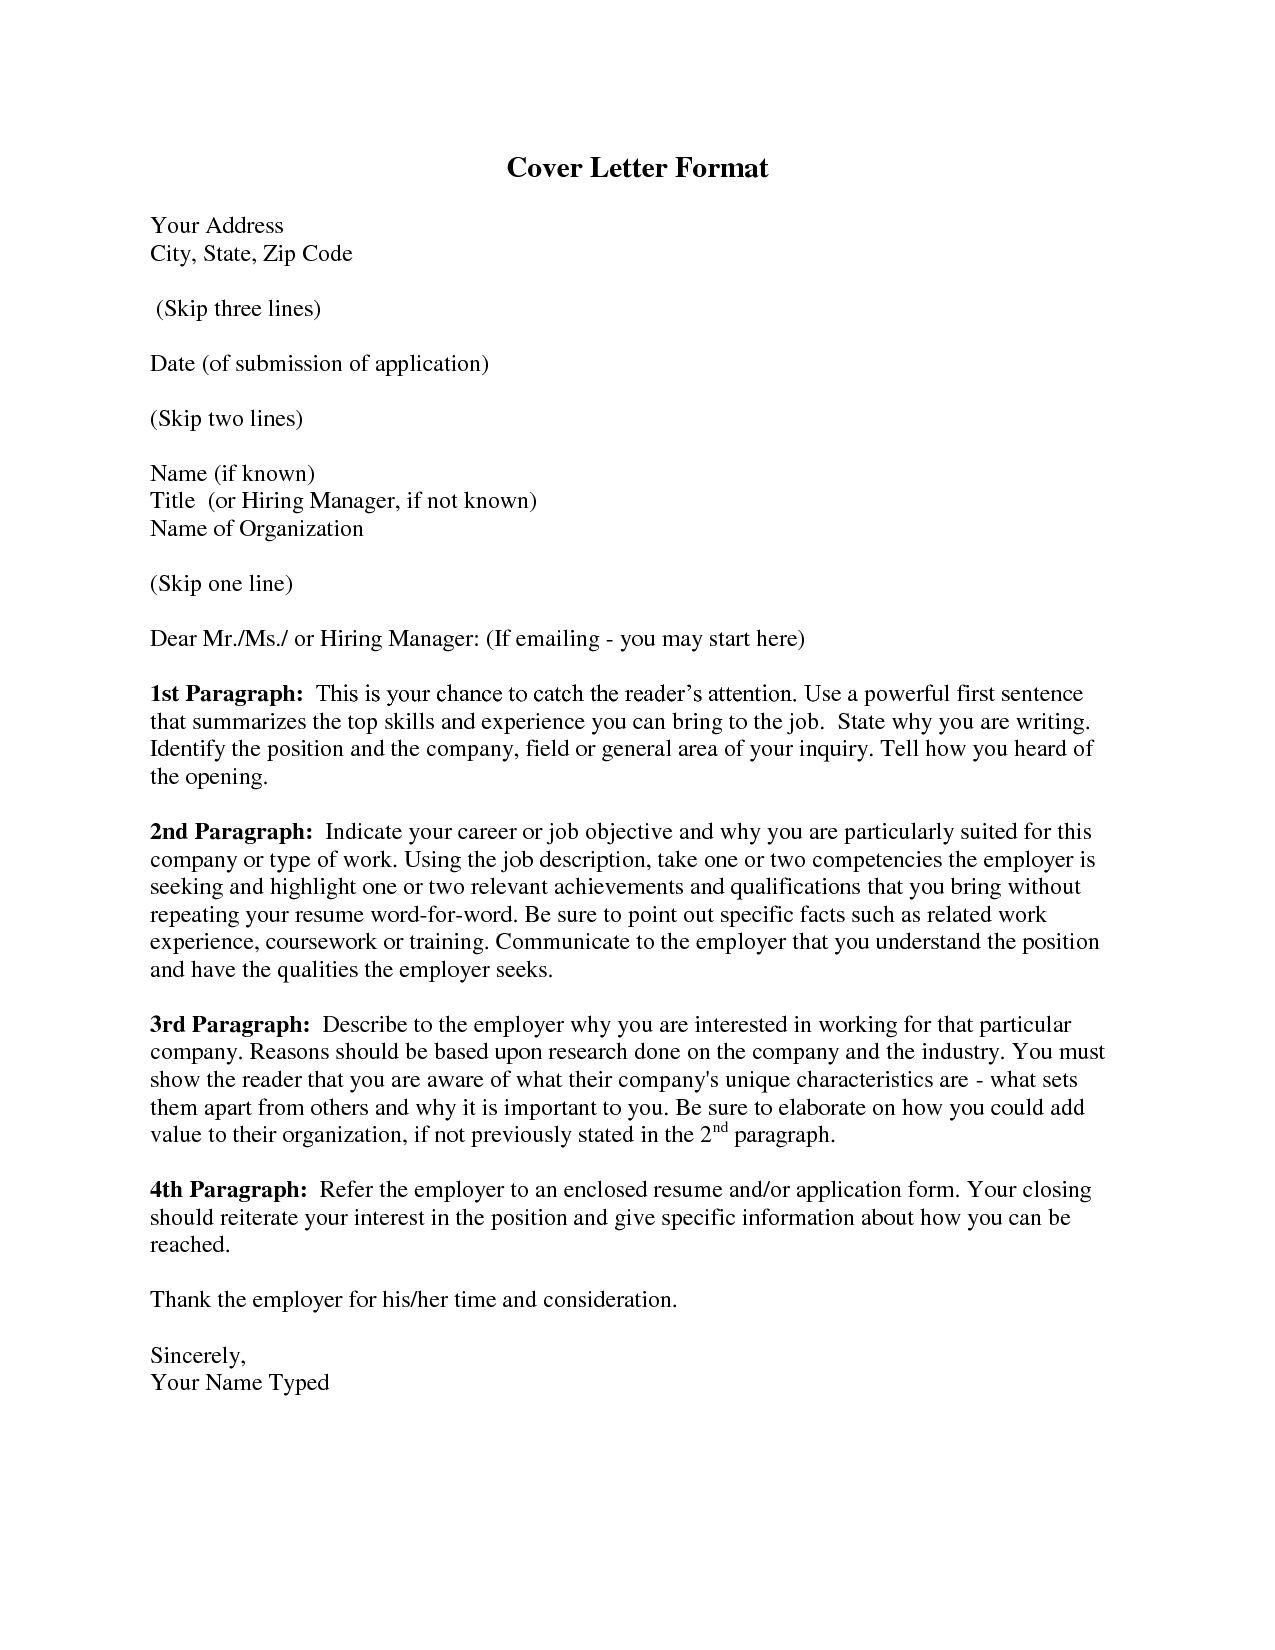 30 Cover Letter Sample For Job Application Job Cover Letter Job Application Cover Letter Application Cover Letter